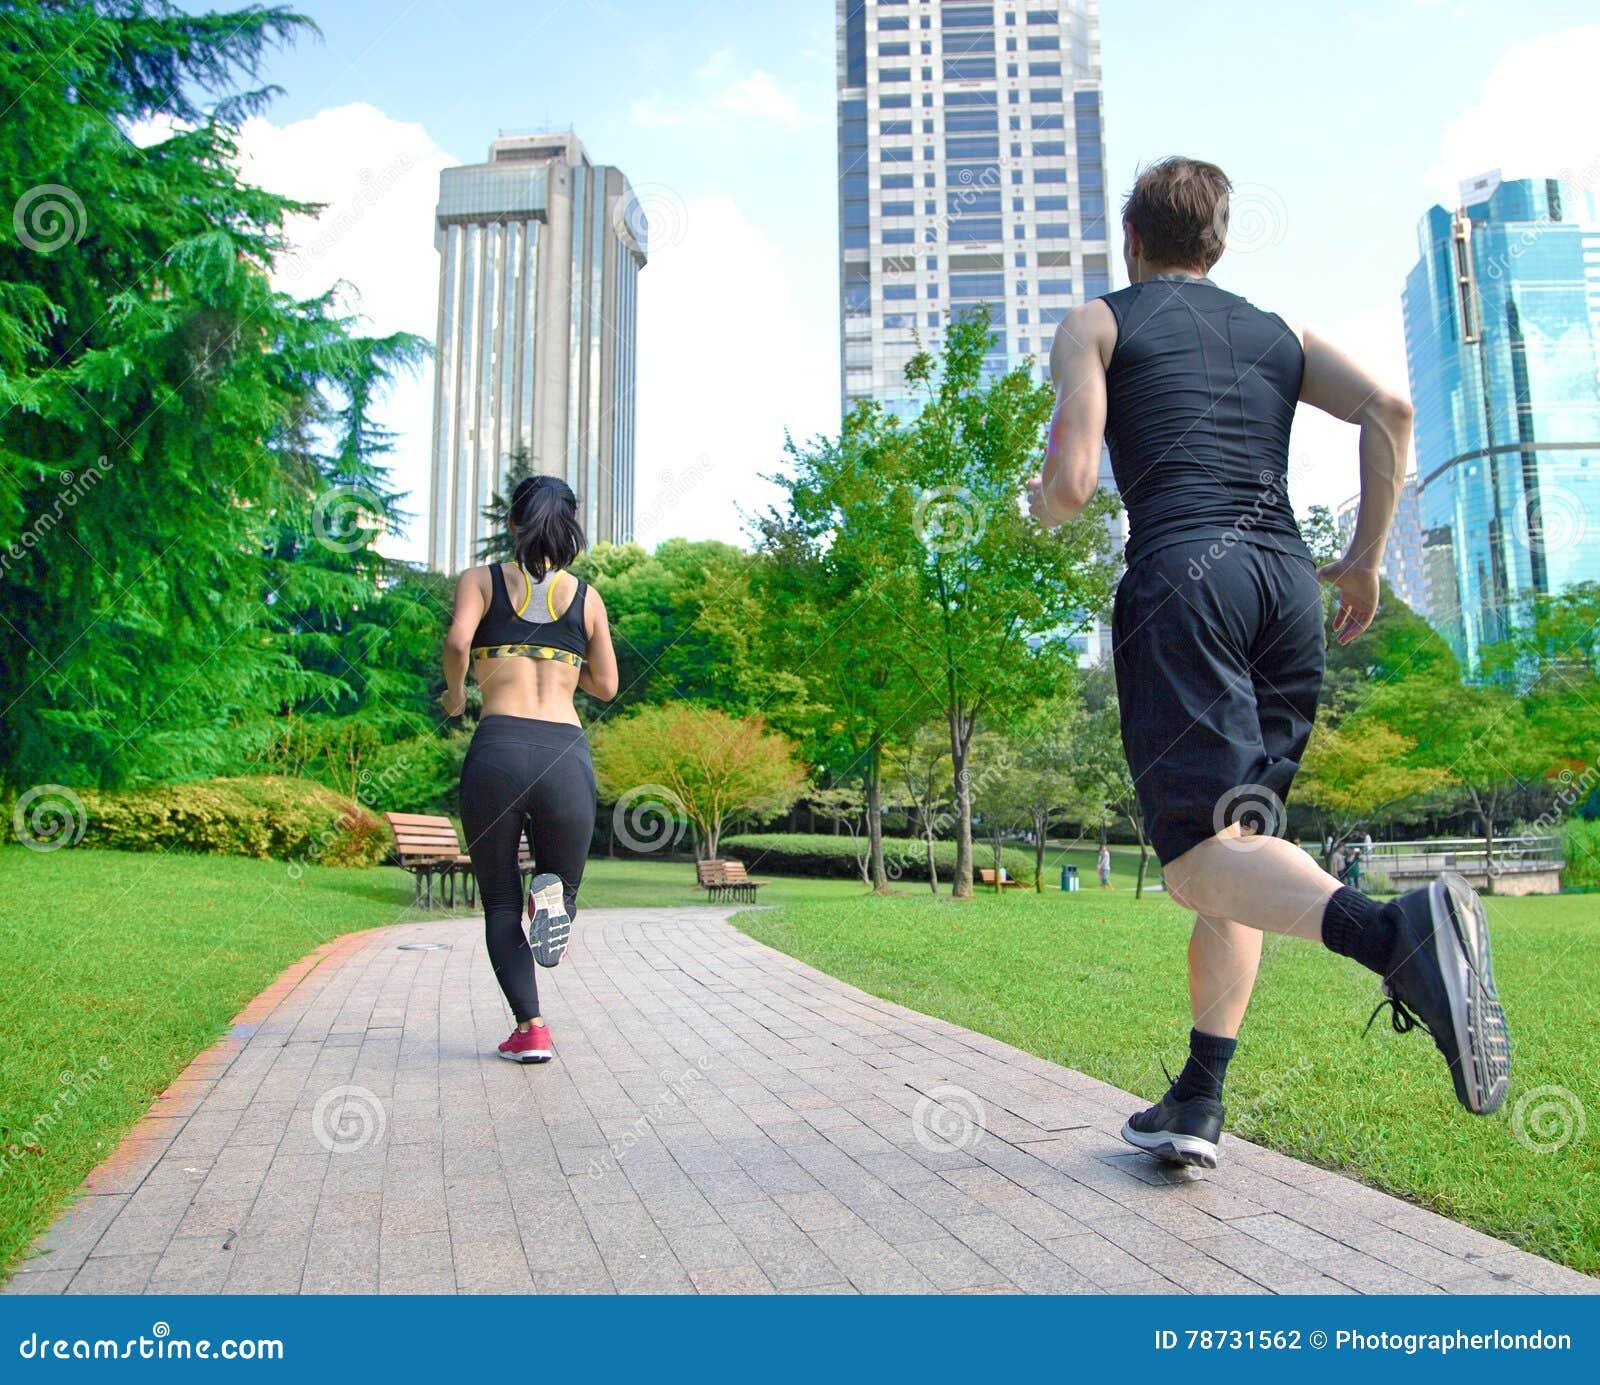 Здоровые люди спорт отстают ход живя активная жизнь Счастливые пары образа жизни спортсменов тренируя cardio совместно в лете o